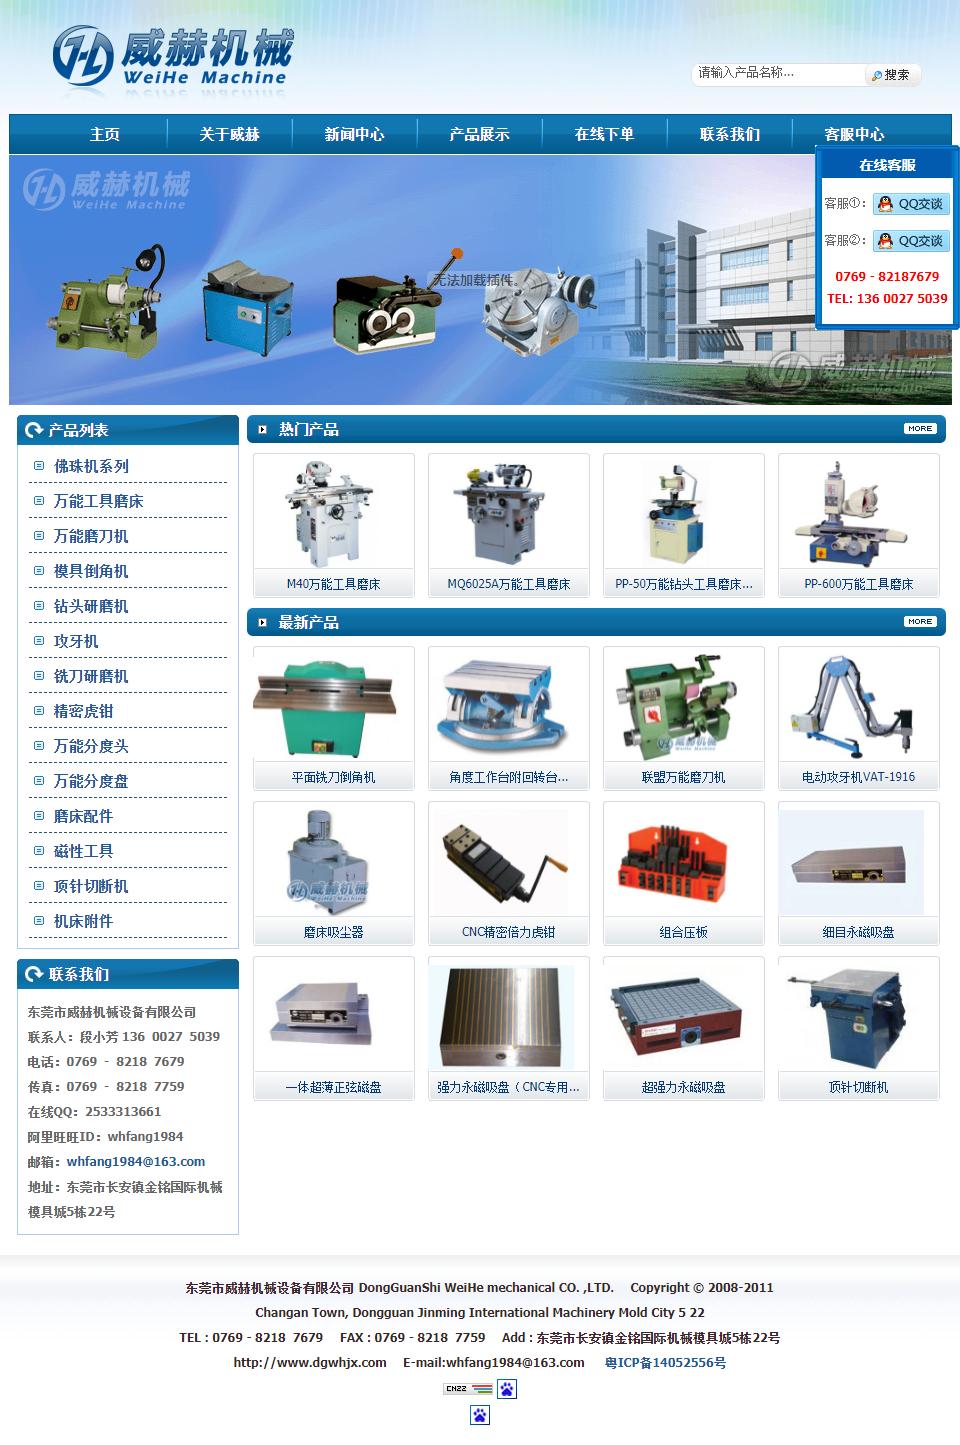 东莞市威赫机械设备有限公司网站案例